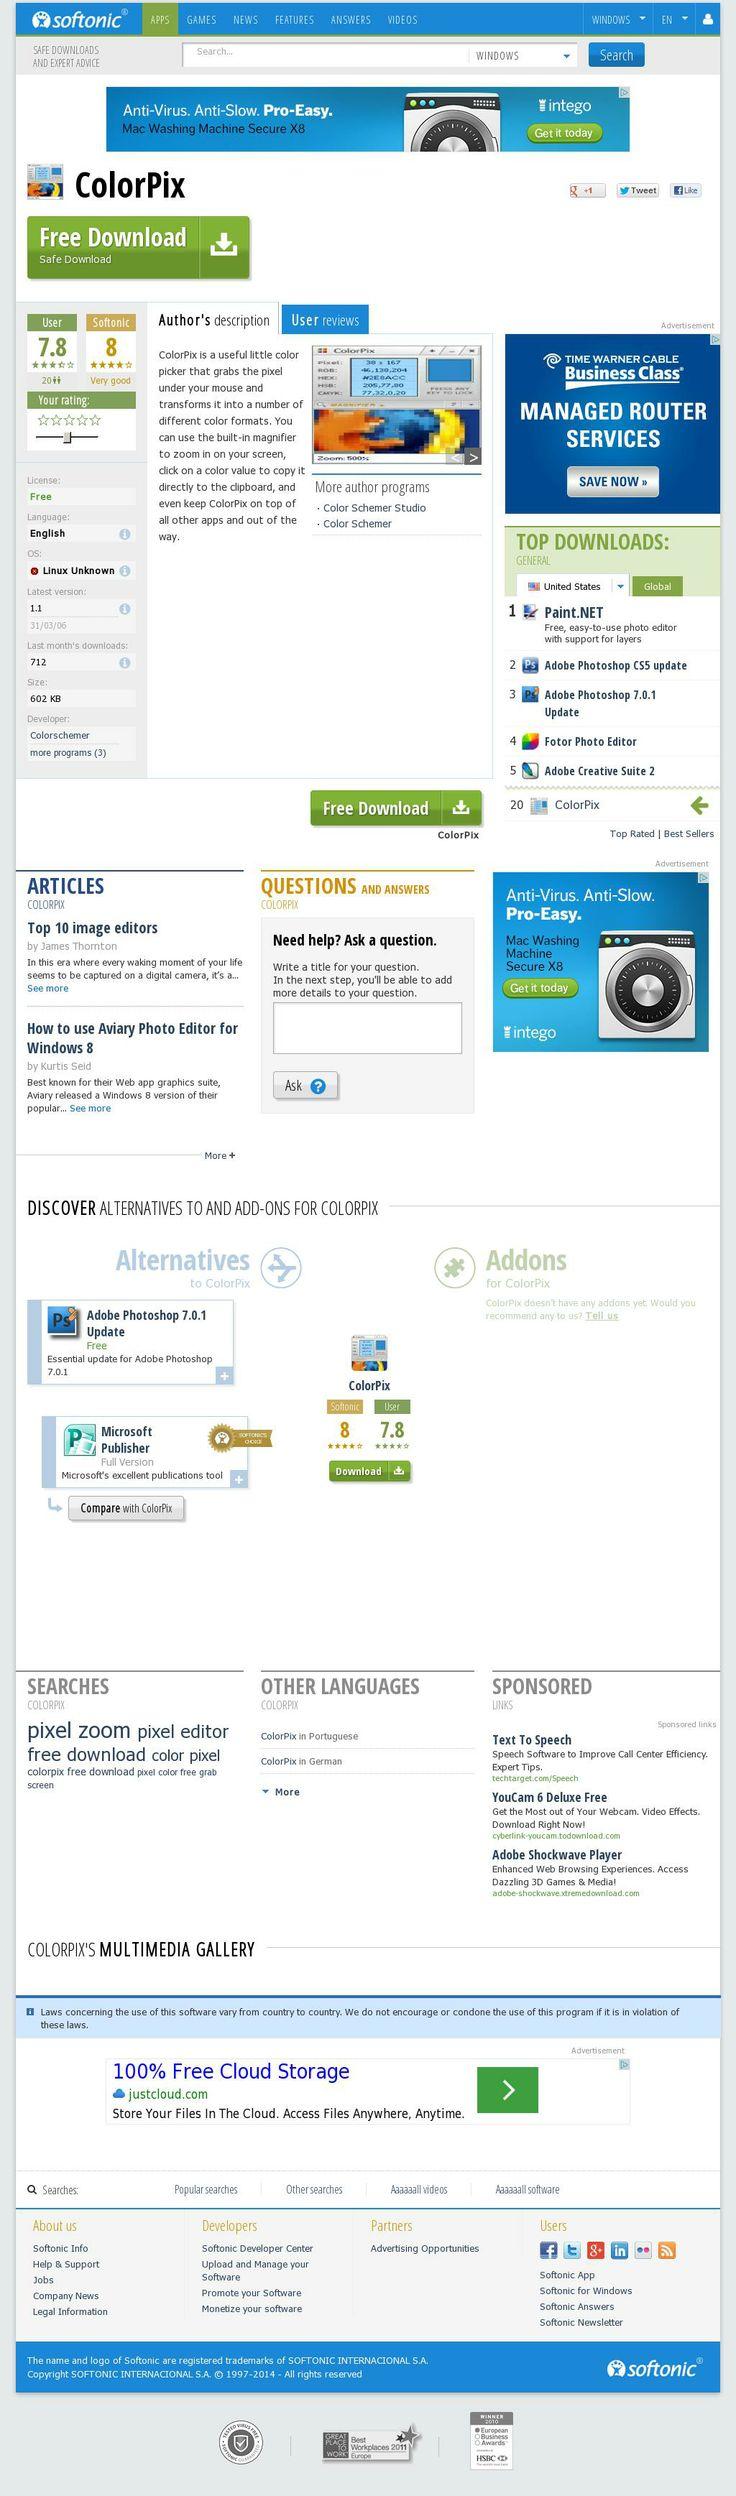 Color picker online upload image - The Website Http Colorpix En Softonic Com Color Pickercheat